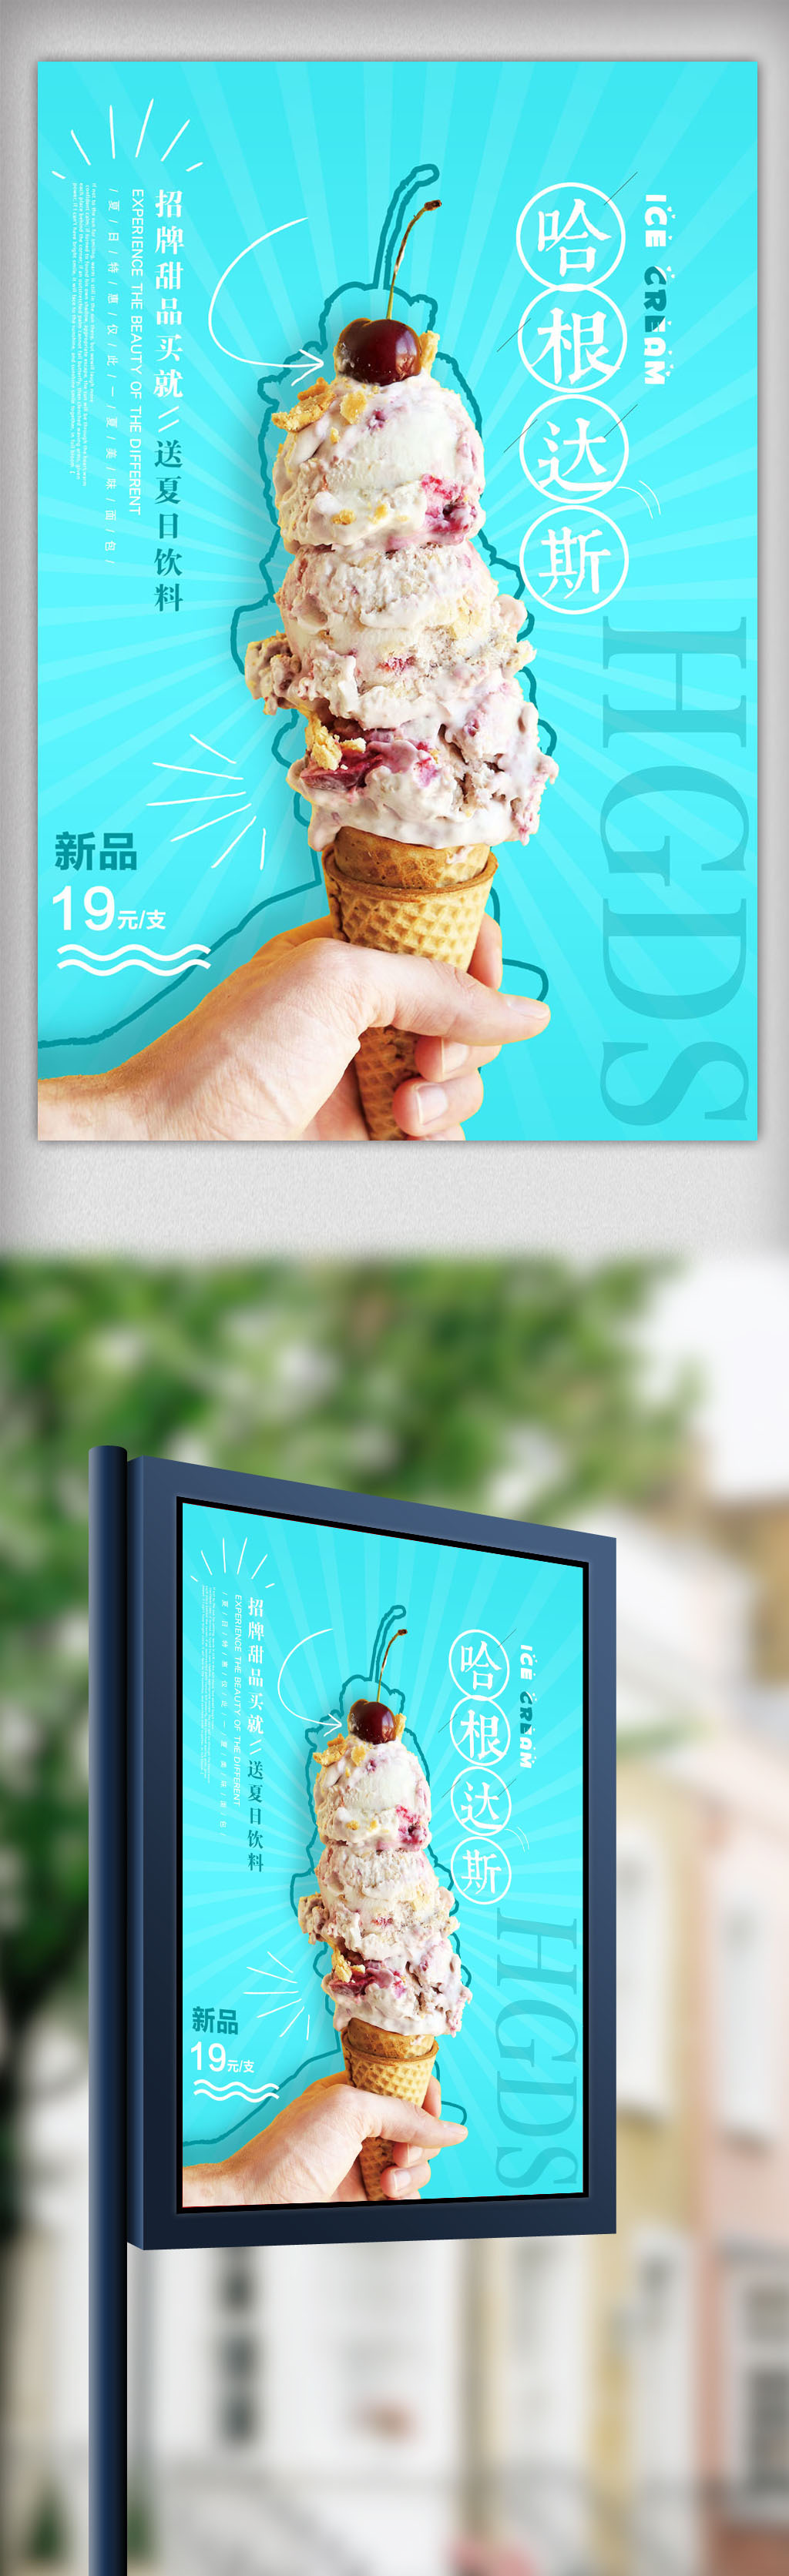 平面|广告设计 海报设计 pop海报 > 小清新哈根达斯冰淇淋促销海报